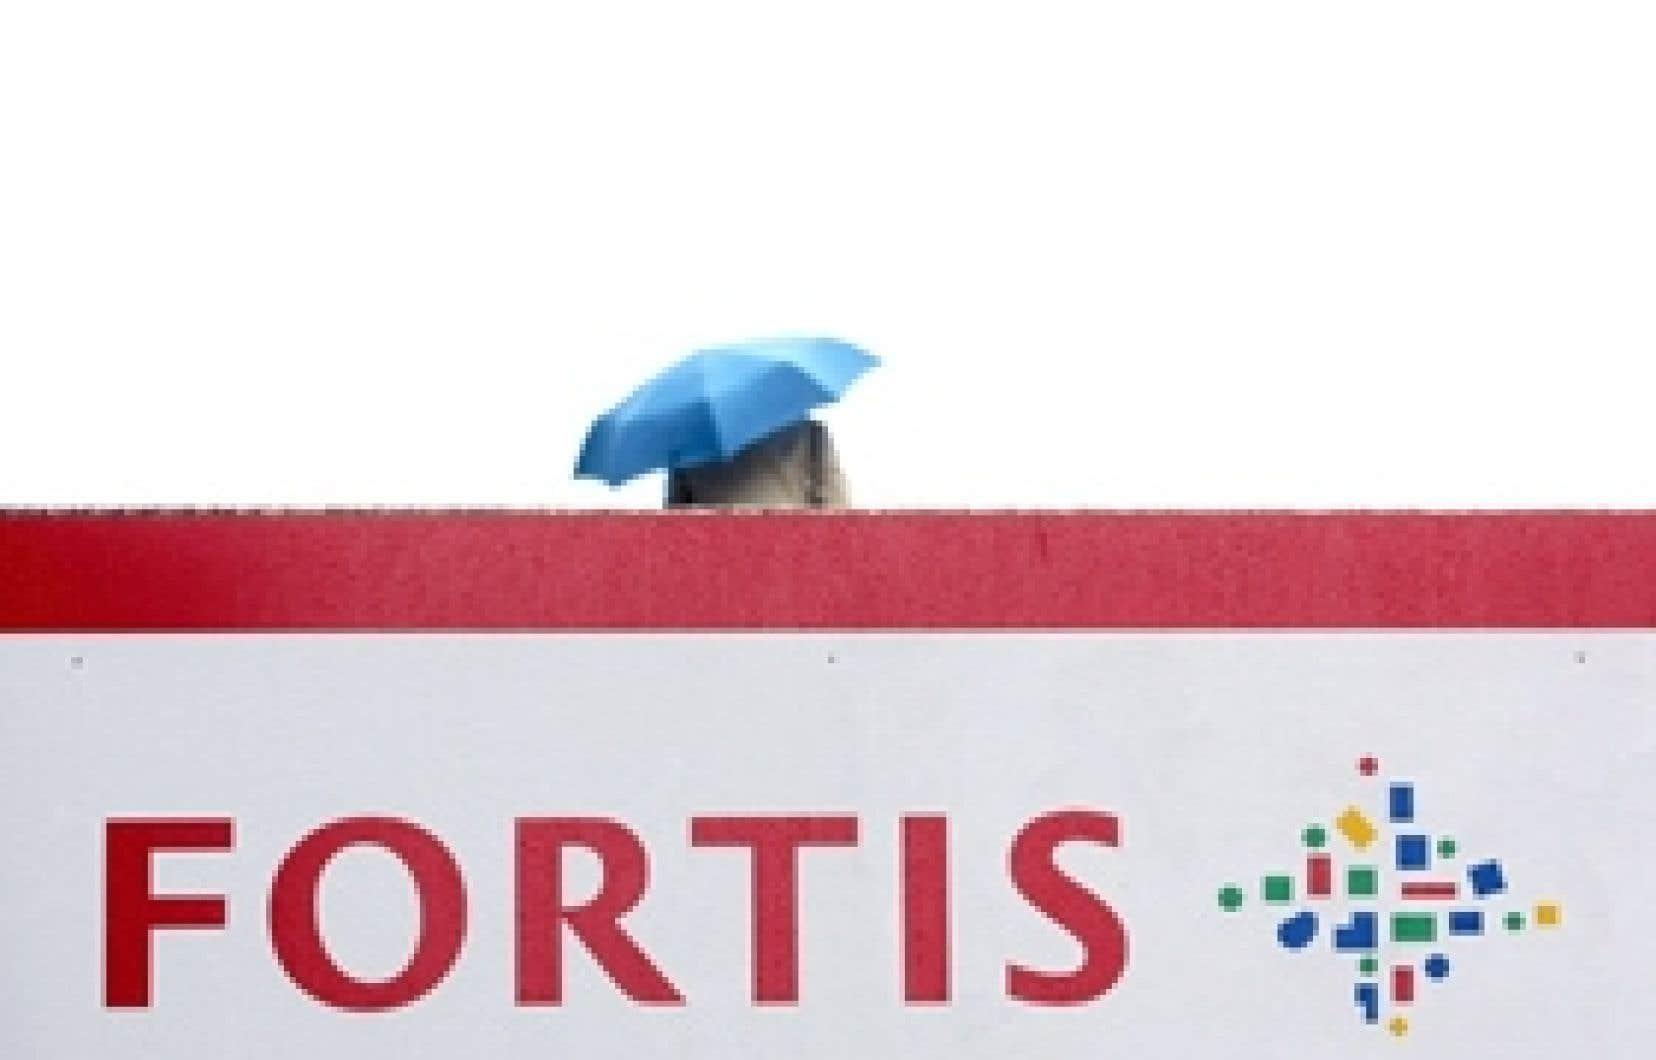 Le gouvernement belge a été informé vendredi que Fortis, le groupe belgo-néerlandais numéro un de l'assurance et de la banque en Belgique, risquait d'être totalement à court de liquidités. Les gouvernements ont injecté la somme totale de 11,